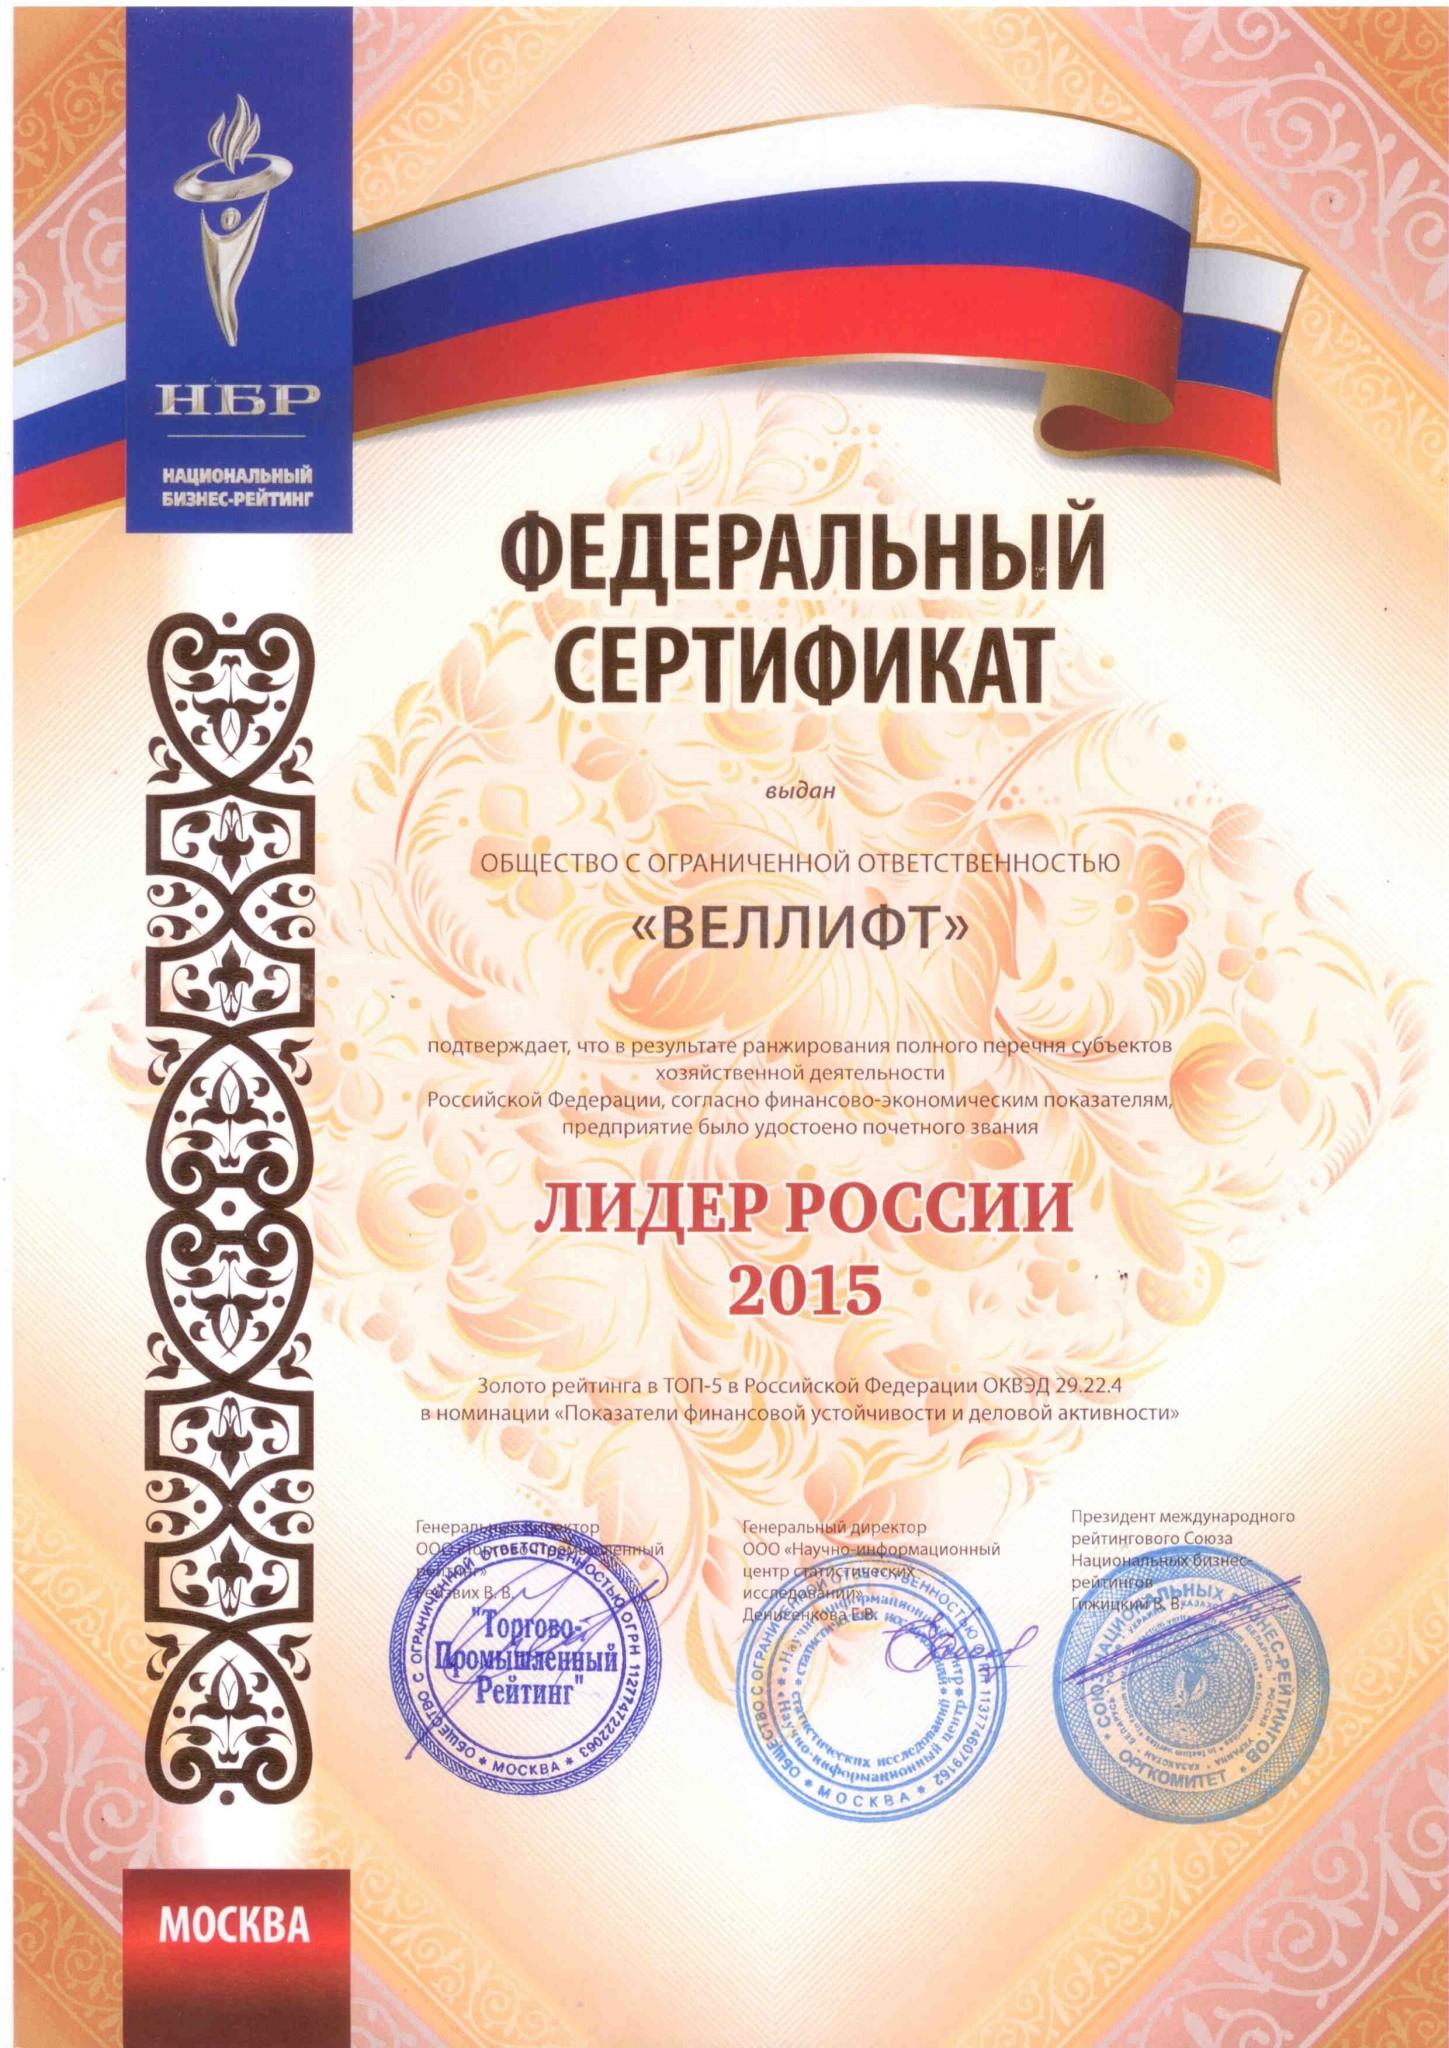 Веллифт Лидер России 2015